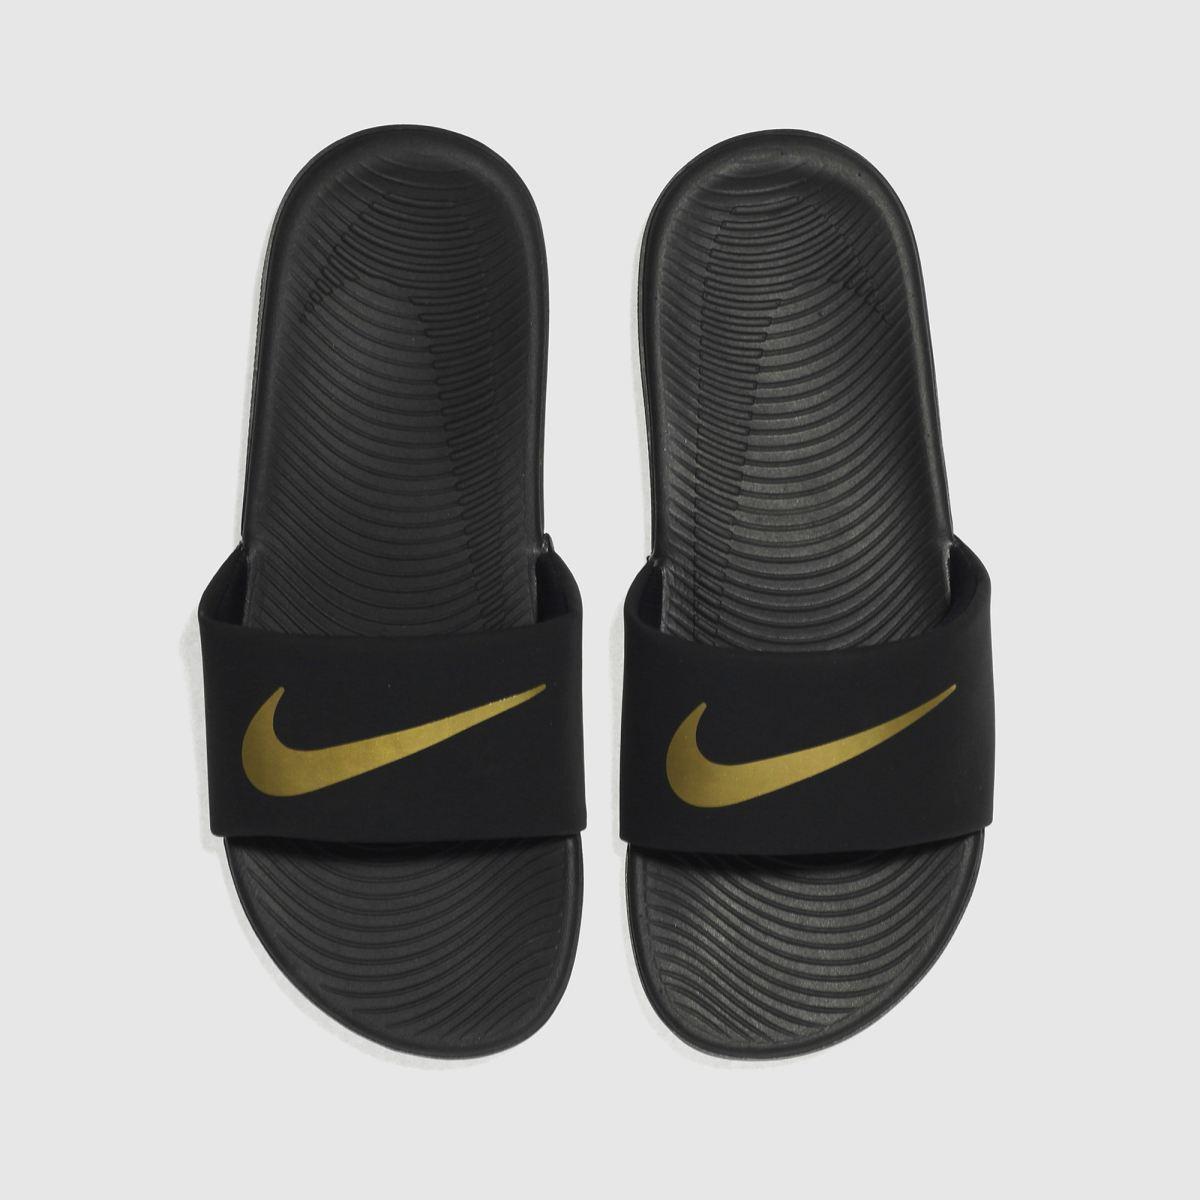 Nike Black & Gold Kawa Slide Trainers Youth